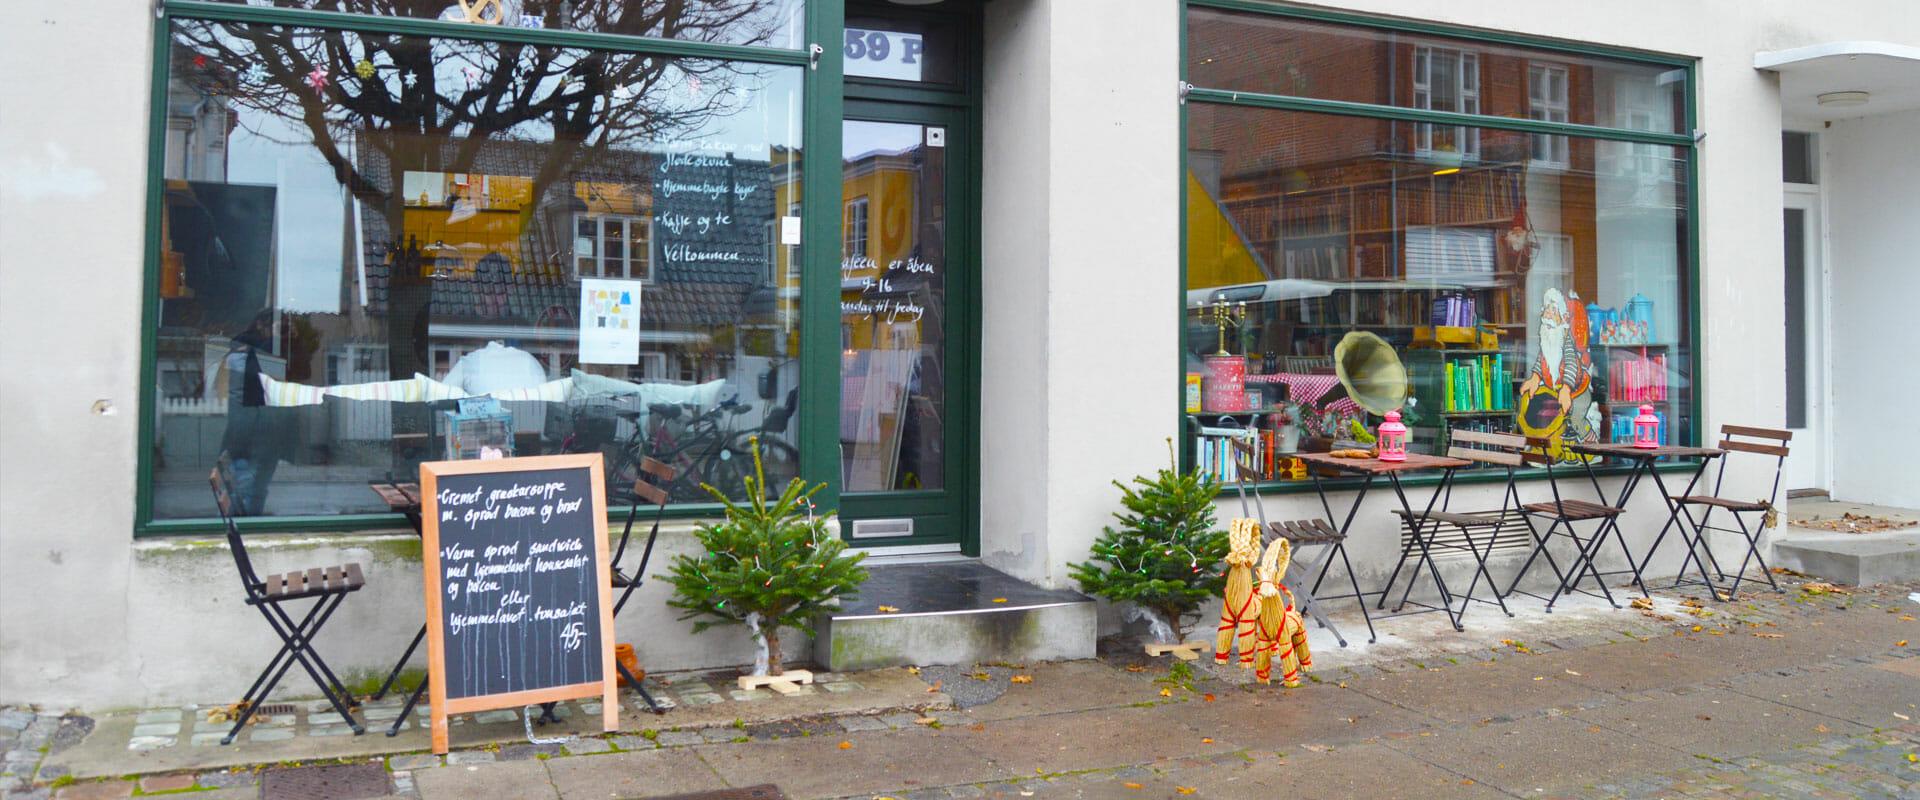 hjuldamperen-baggrund-cafe